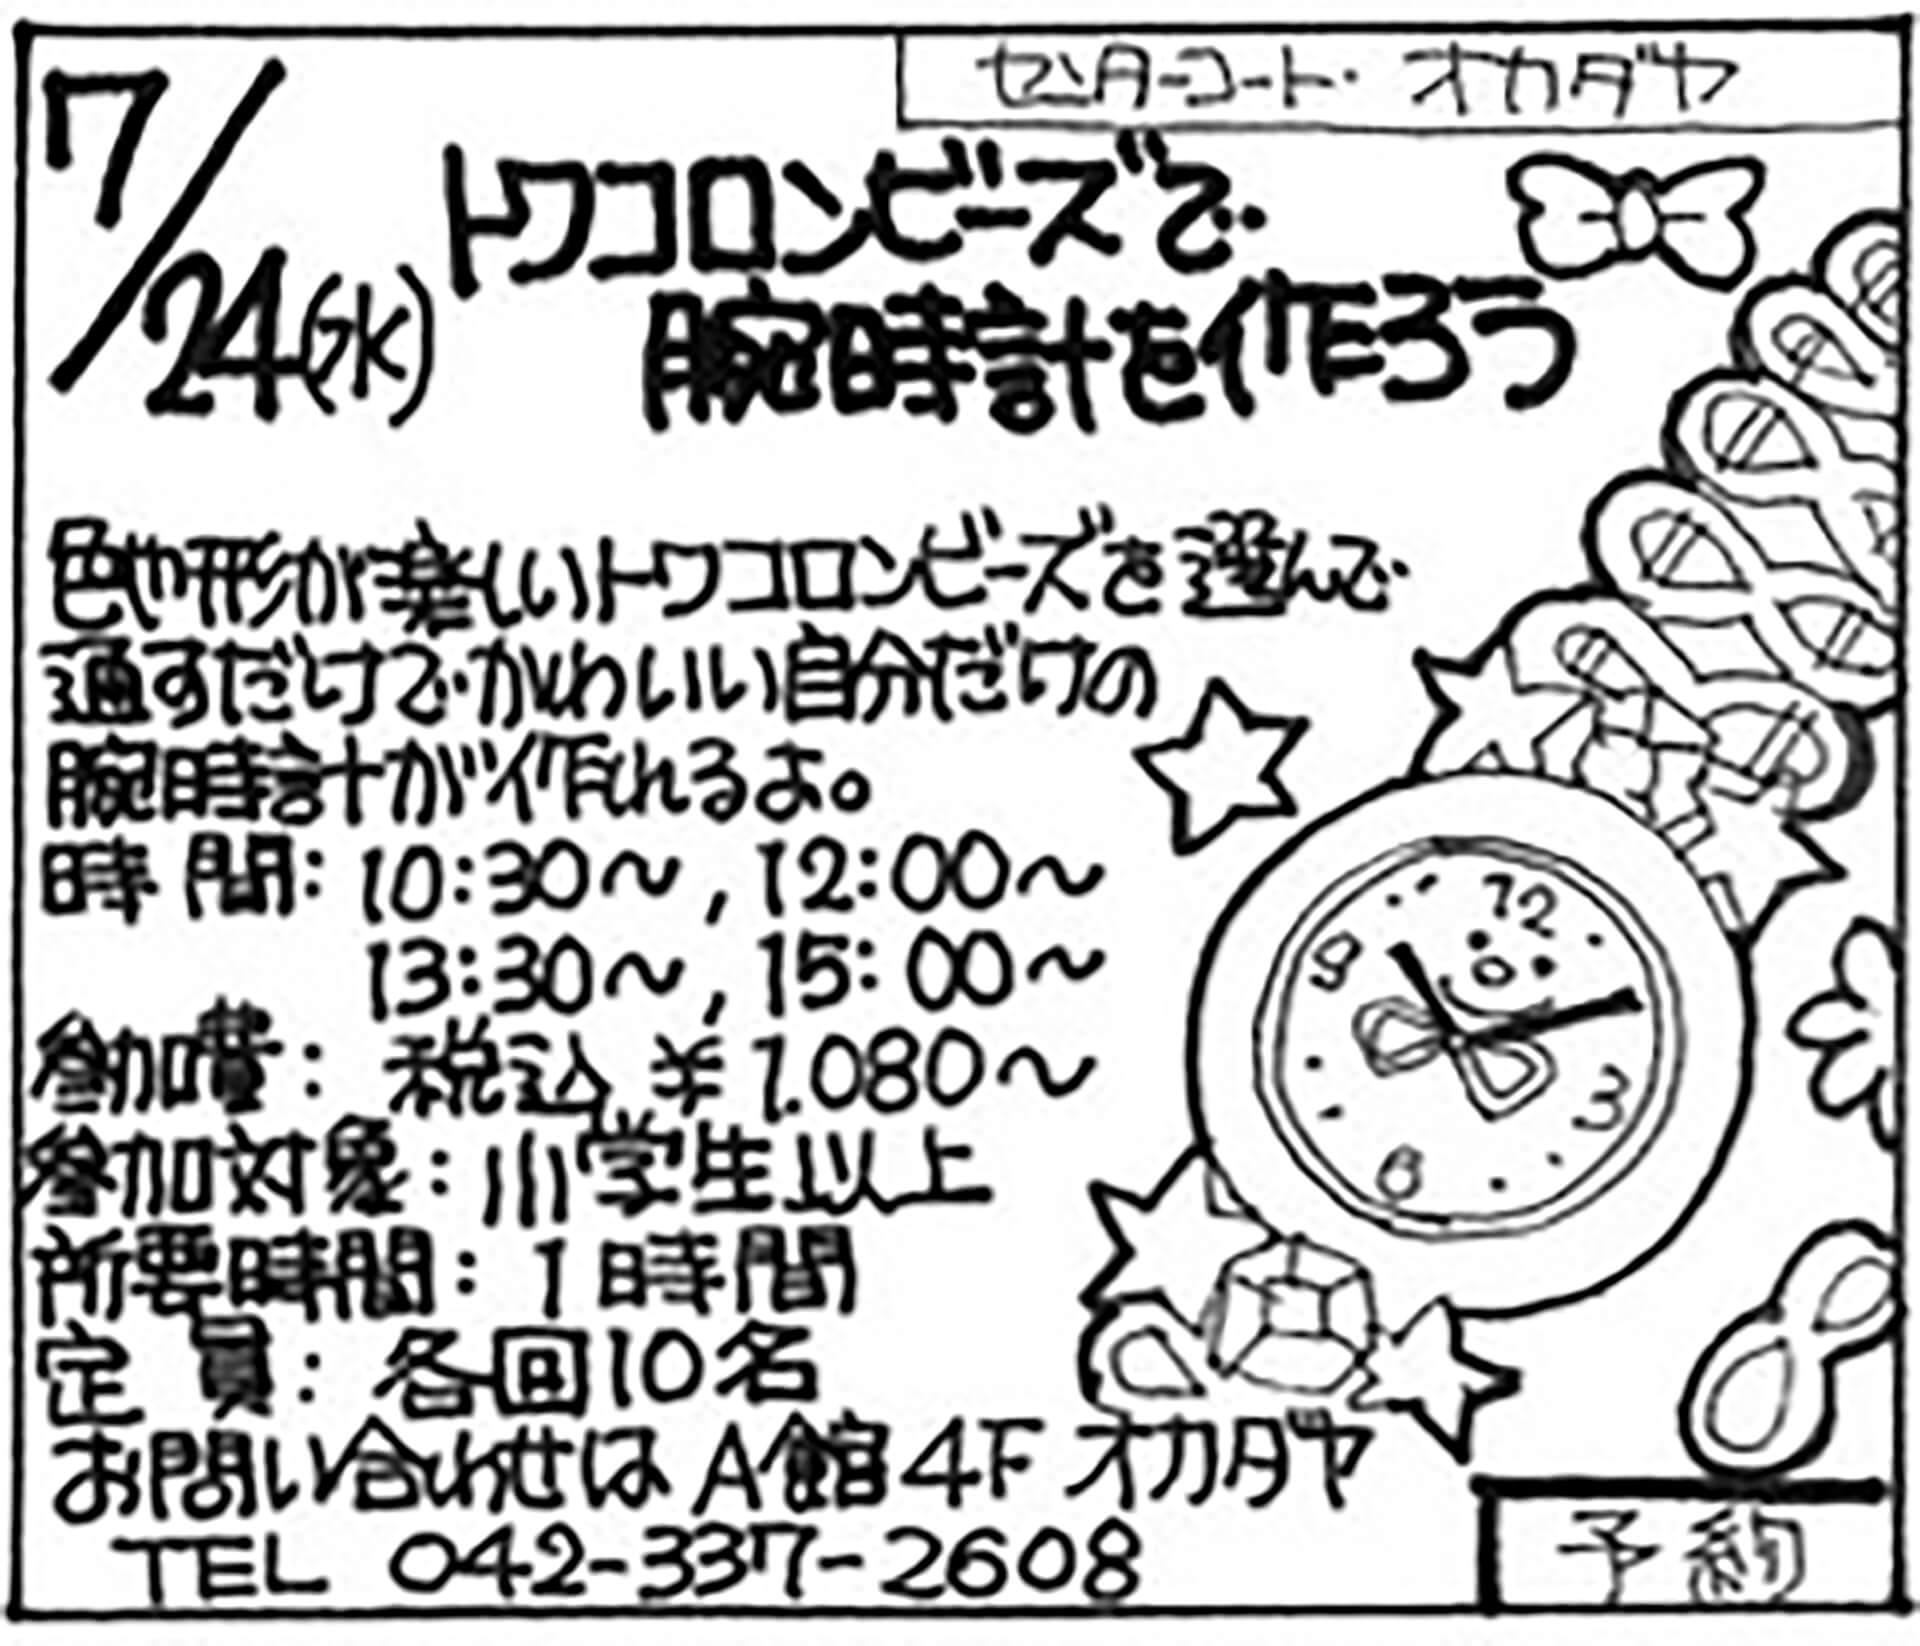 この写真は京王アートマン、2019夏のワークショップの具体的内容を手書き文字で表記したもの。腕時計作りの告知です